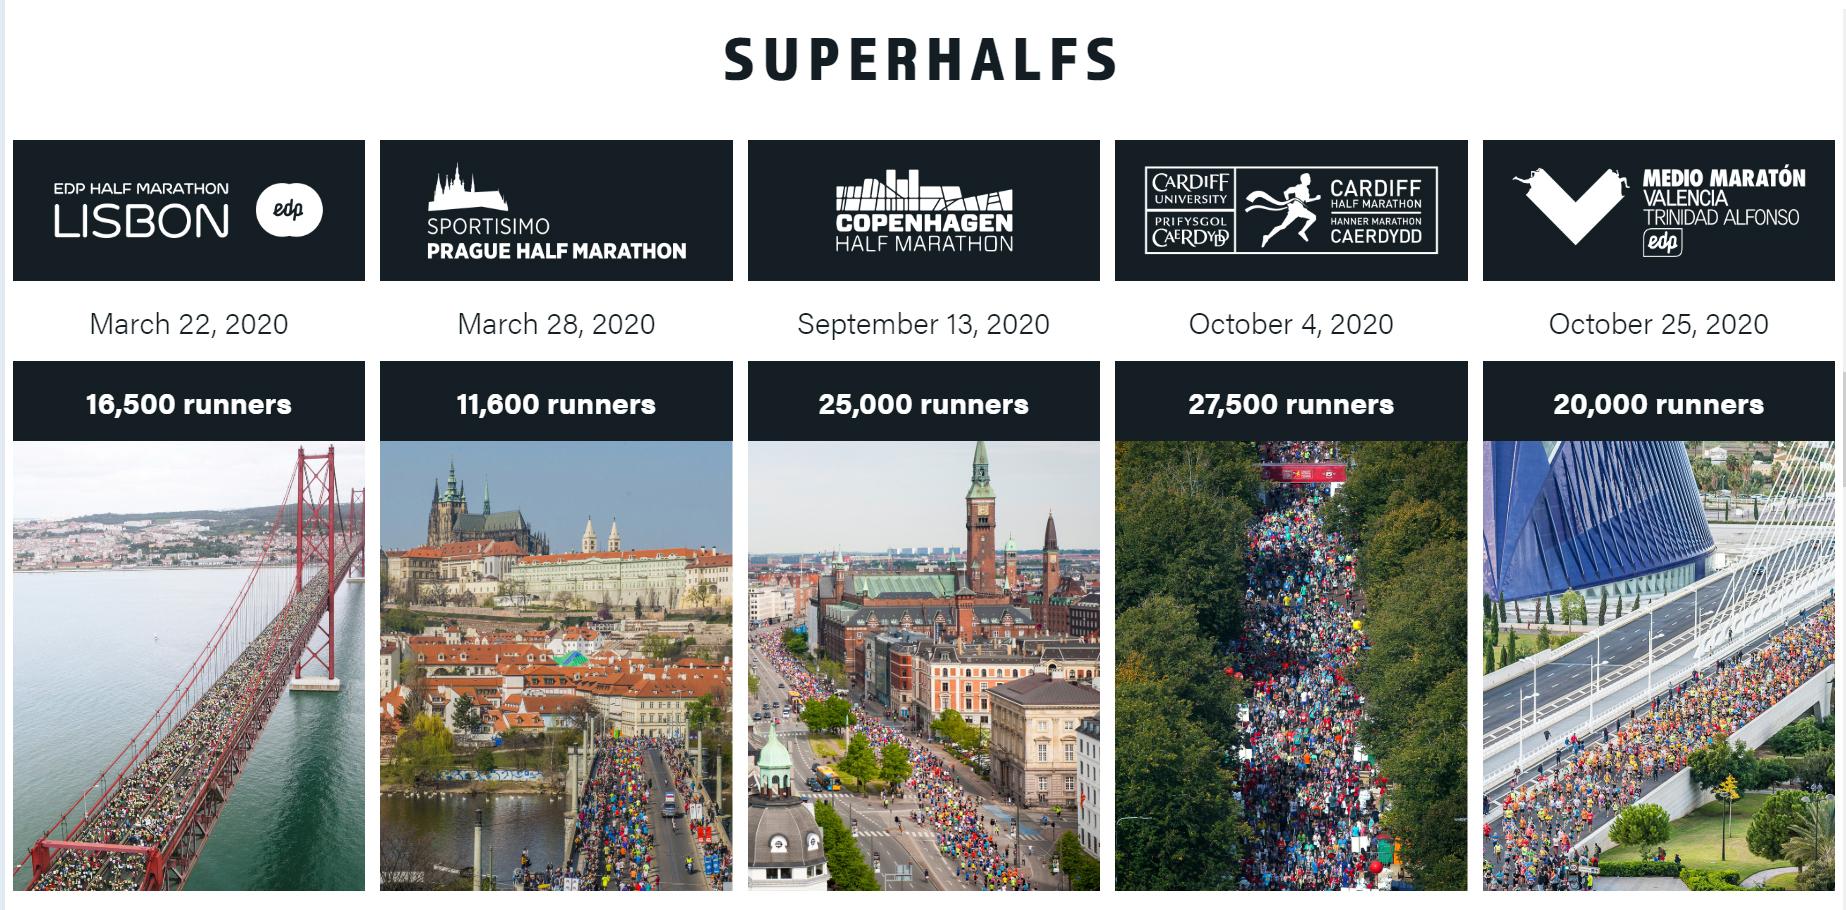 Пять крутых европейских полумарафонов объединились в серию SuperHalfs